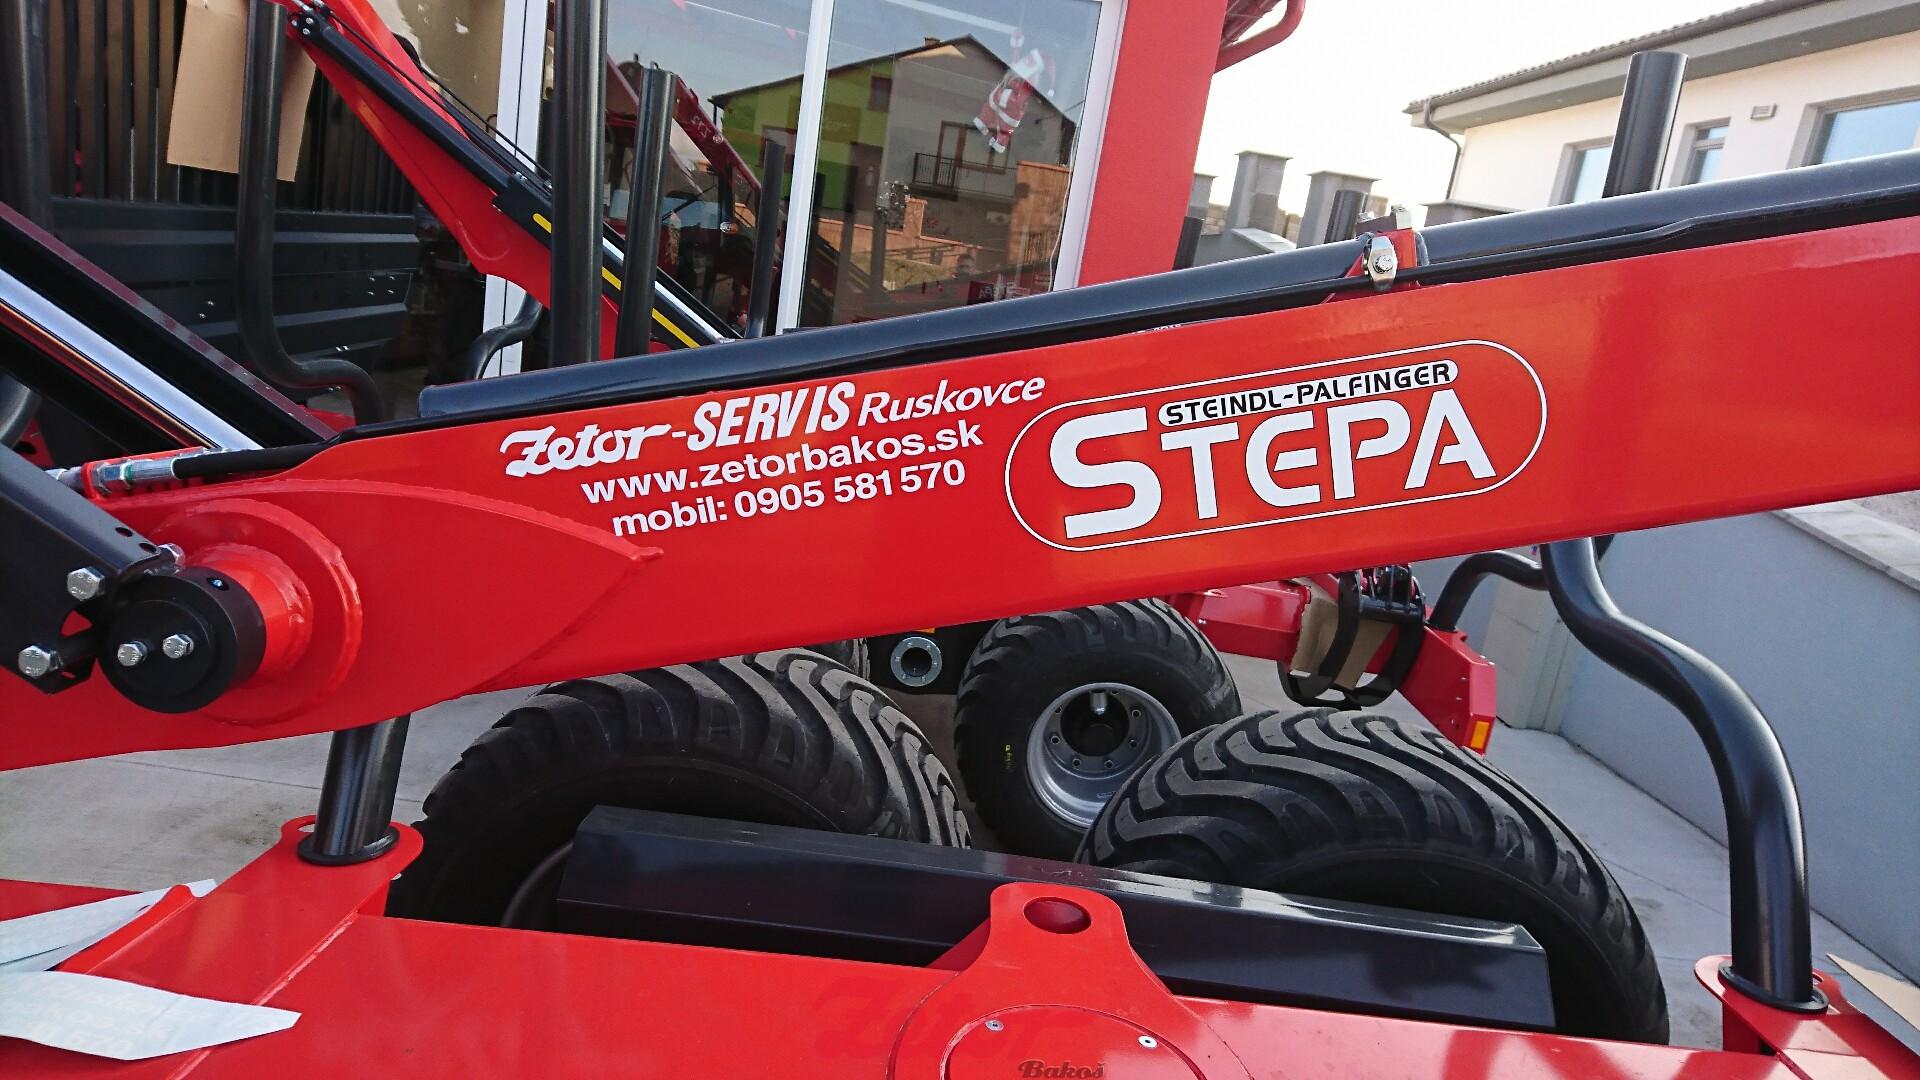 Vyvážacie prívesy Stepa